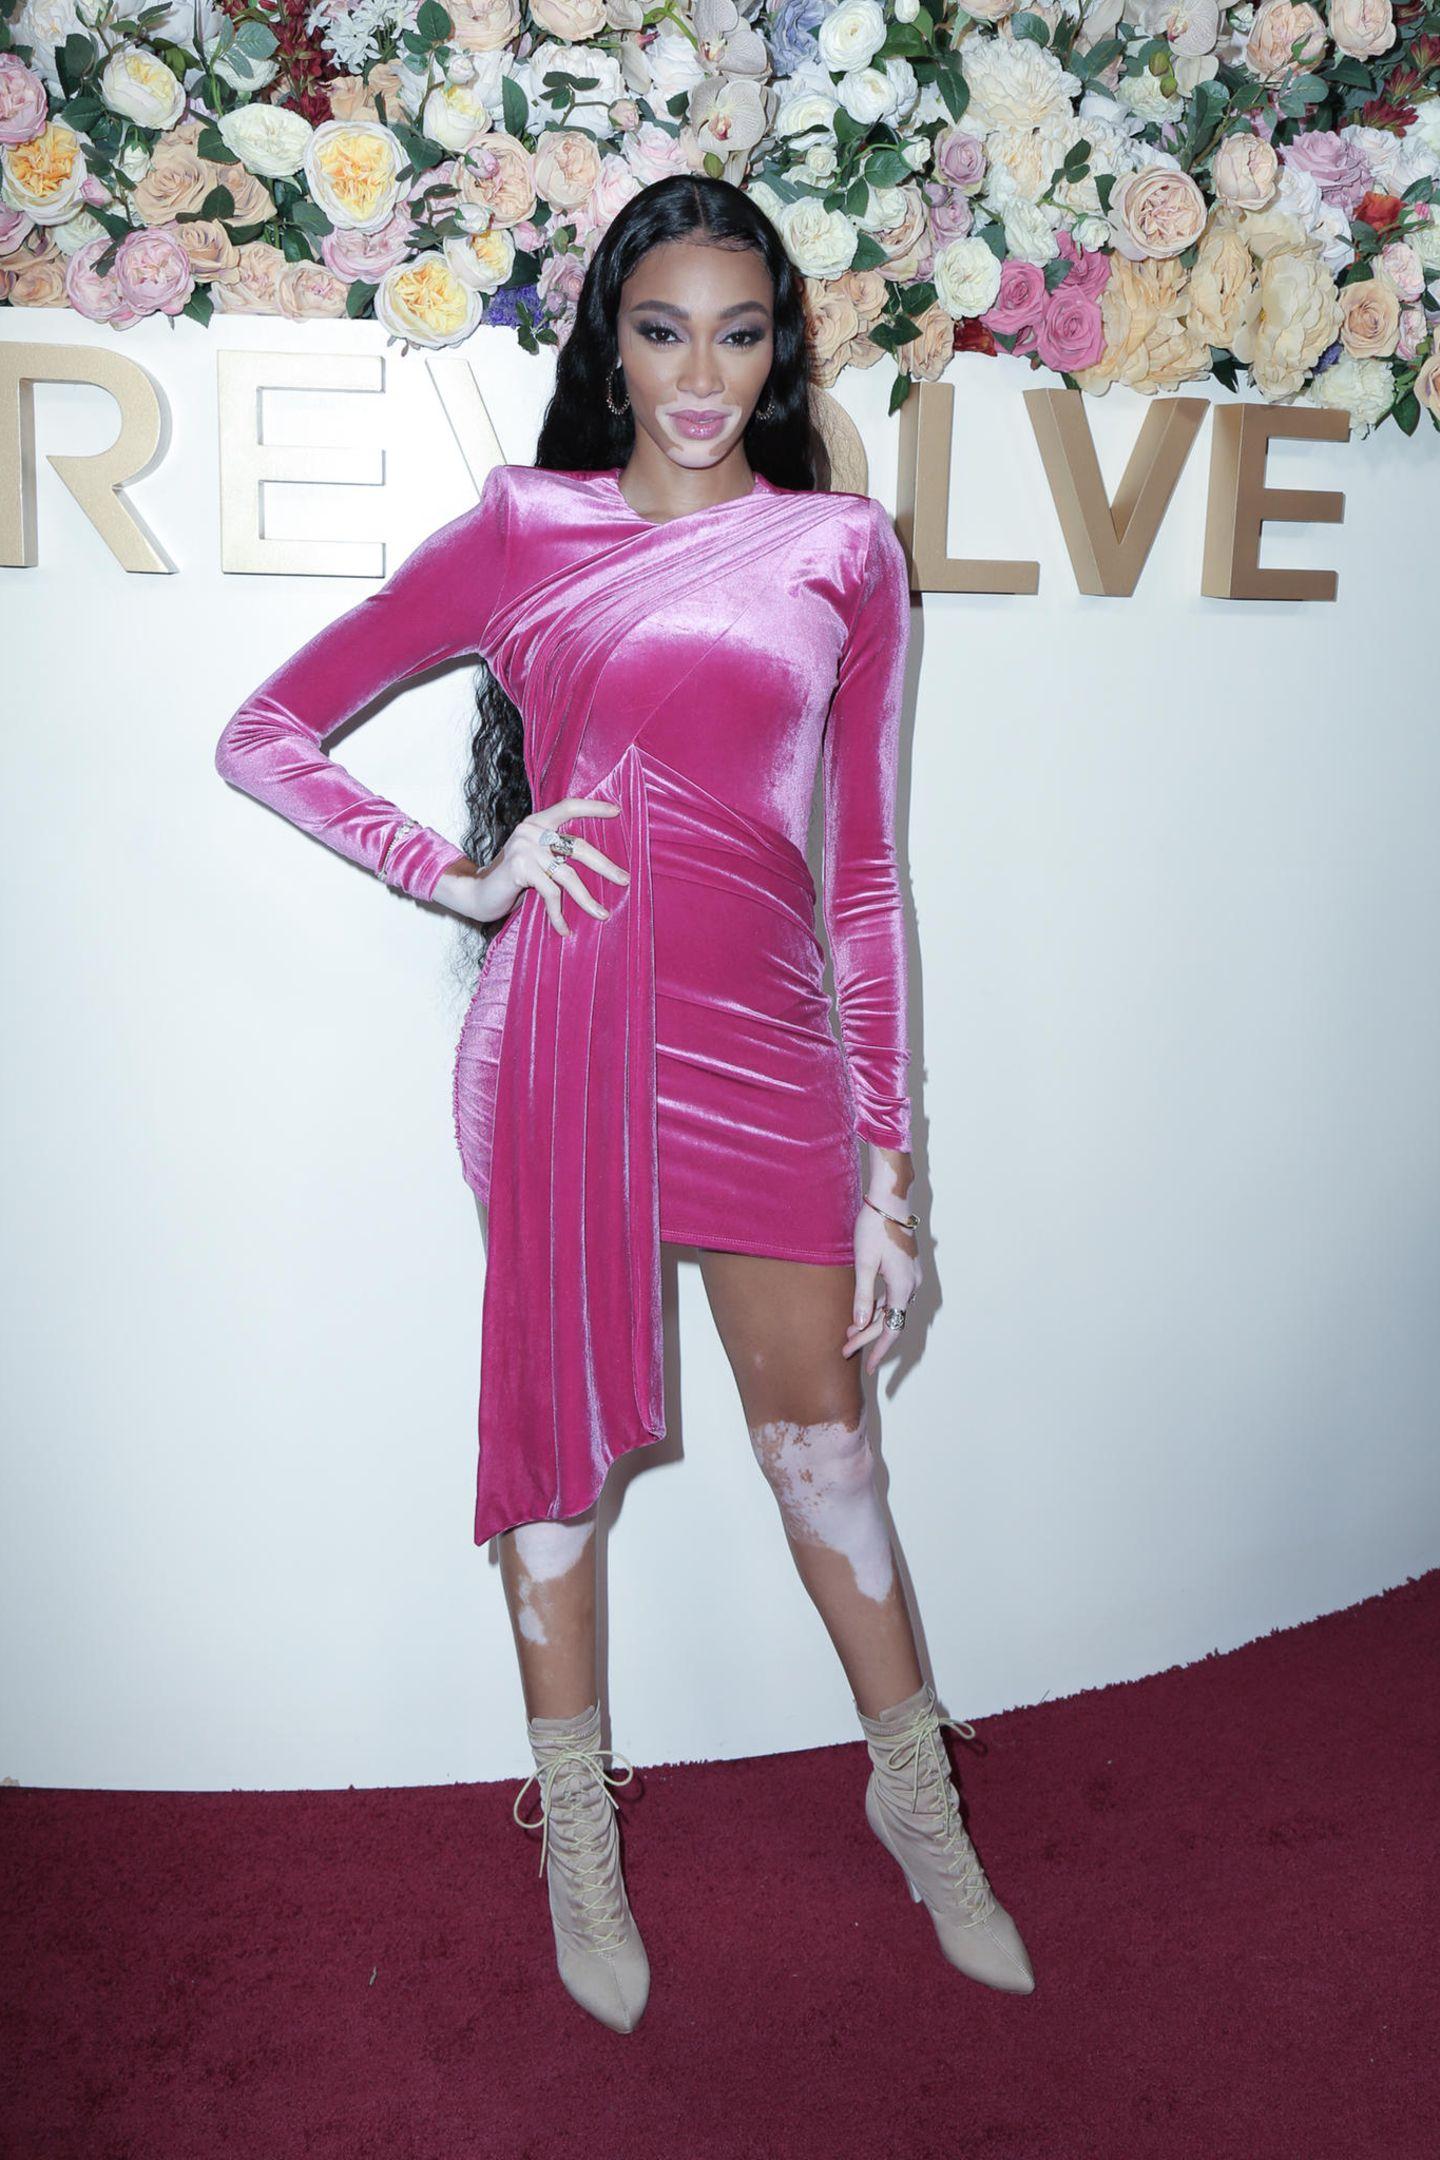 """Supermodel Winnie Harlow erscheint auf den""""Revolve""""-Awards in Hollywood in einem pinkfarbenen Samtkleid in Wickeloptik.Dazu kombiniert das """"Victoria's Secret""""-Modelein Paar beigefarbene Schnürstiefeletten mit hohem Absatz. Funkelnde Kreolen, eingoldener Armreif sowie viele auffällige Ringe perfektionierten den besonderen Look."""